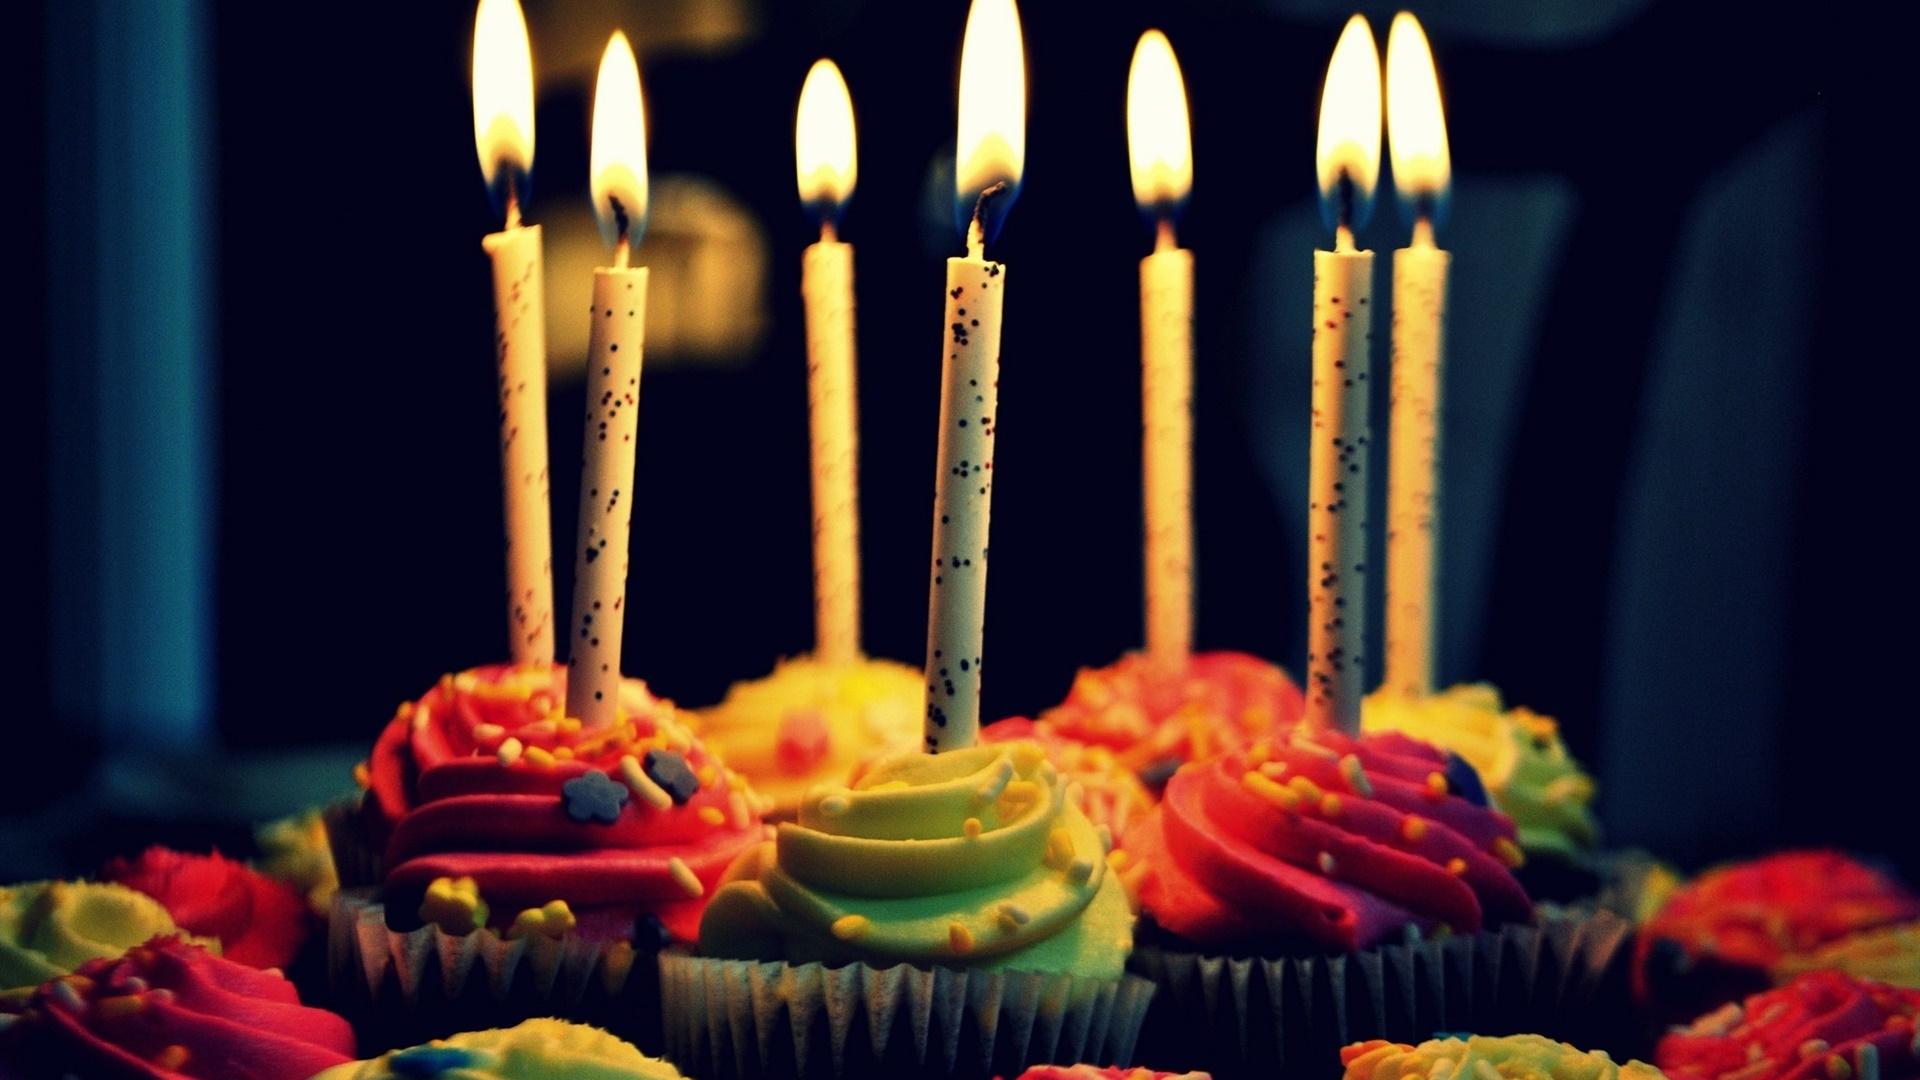 Открытки с днем рождения свечи 409